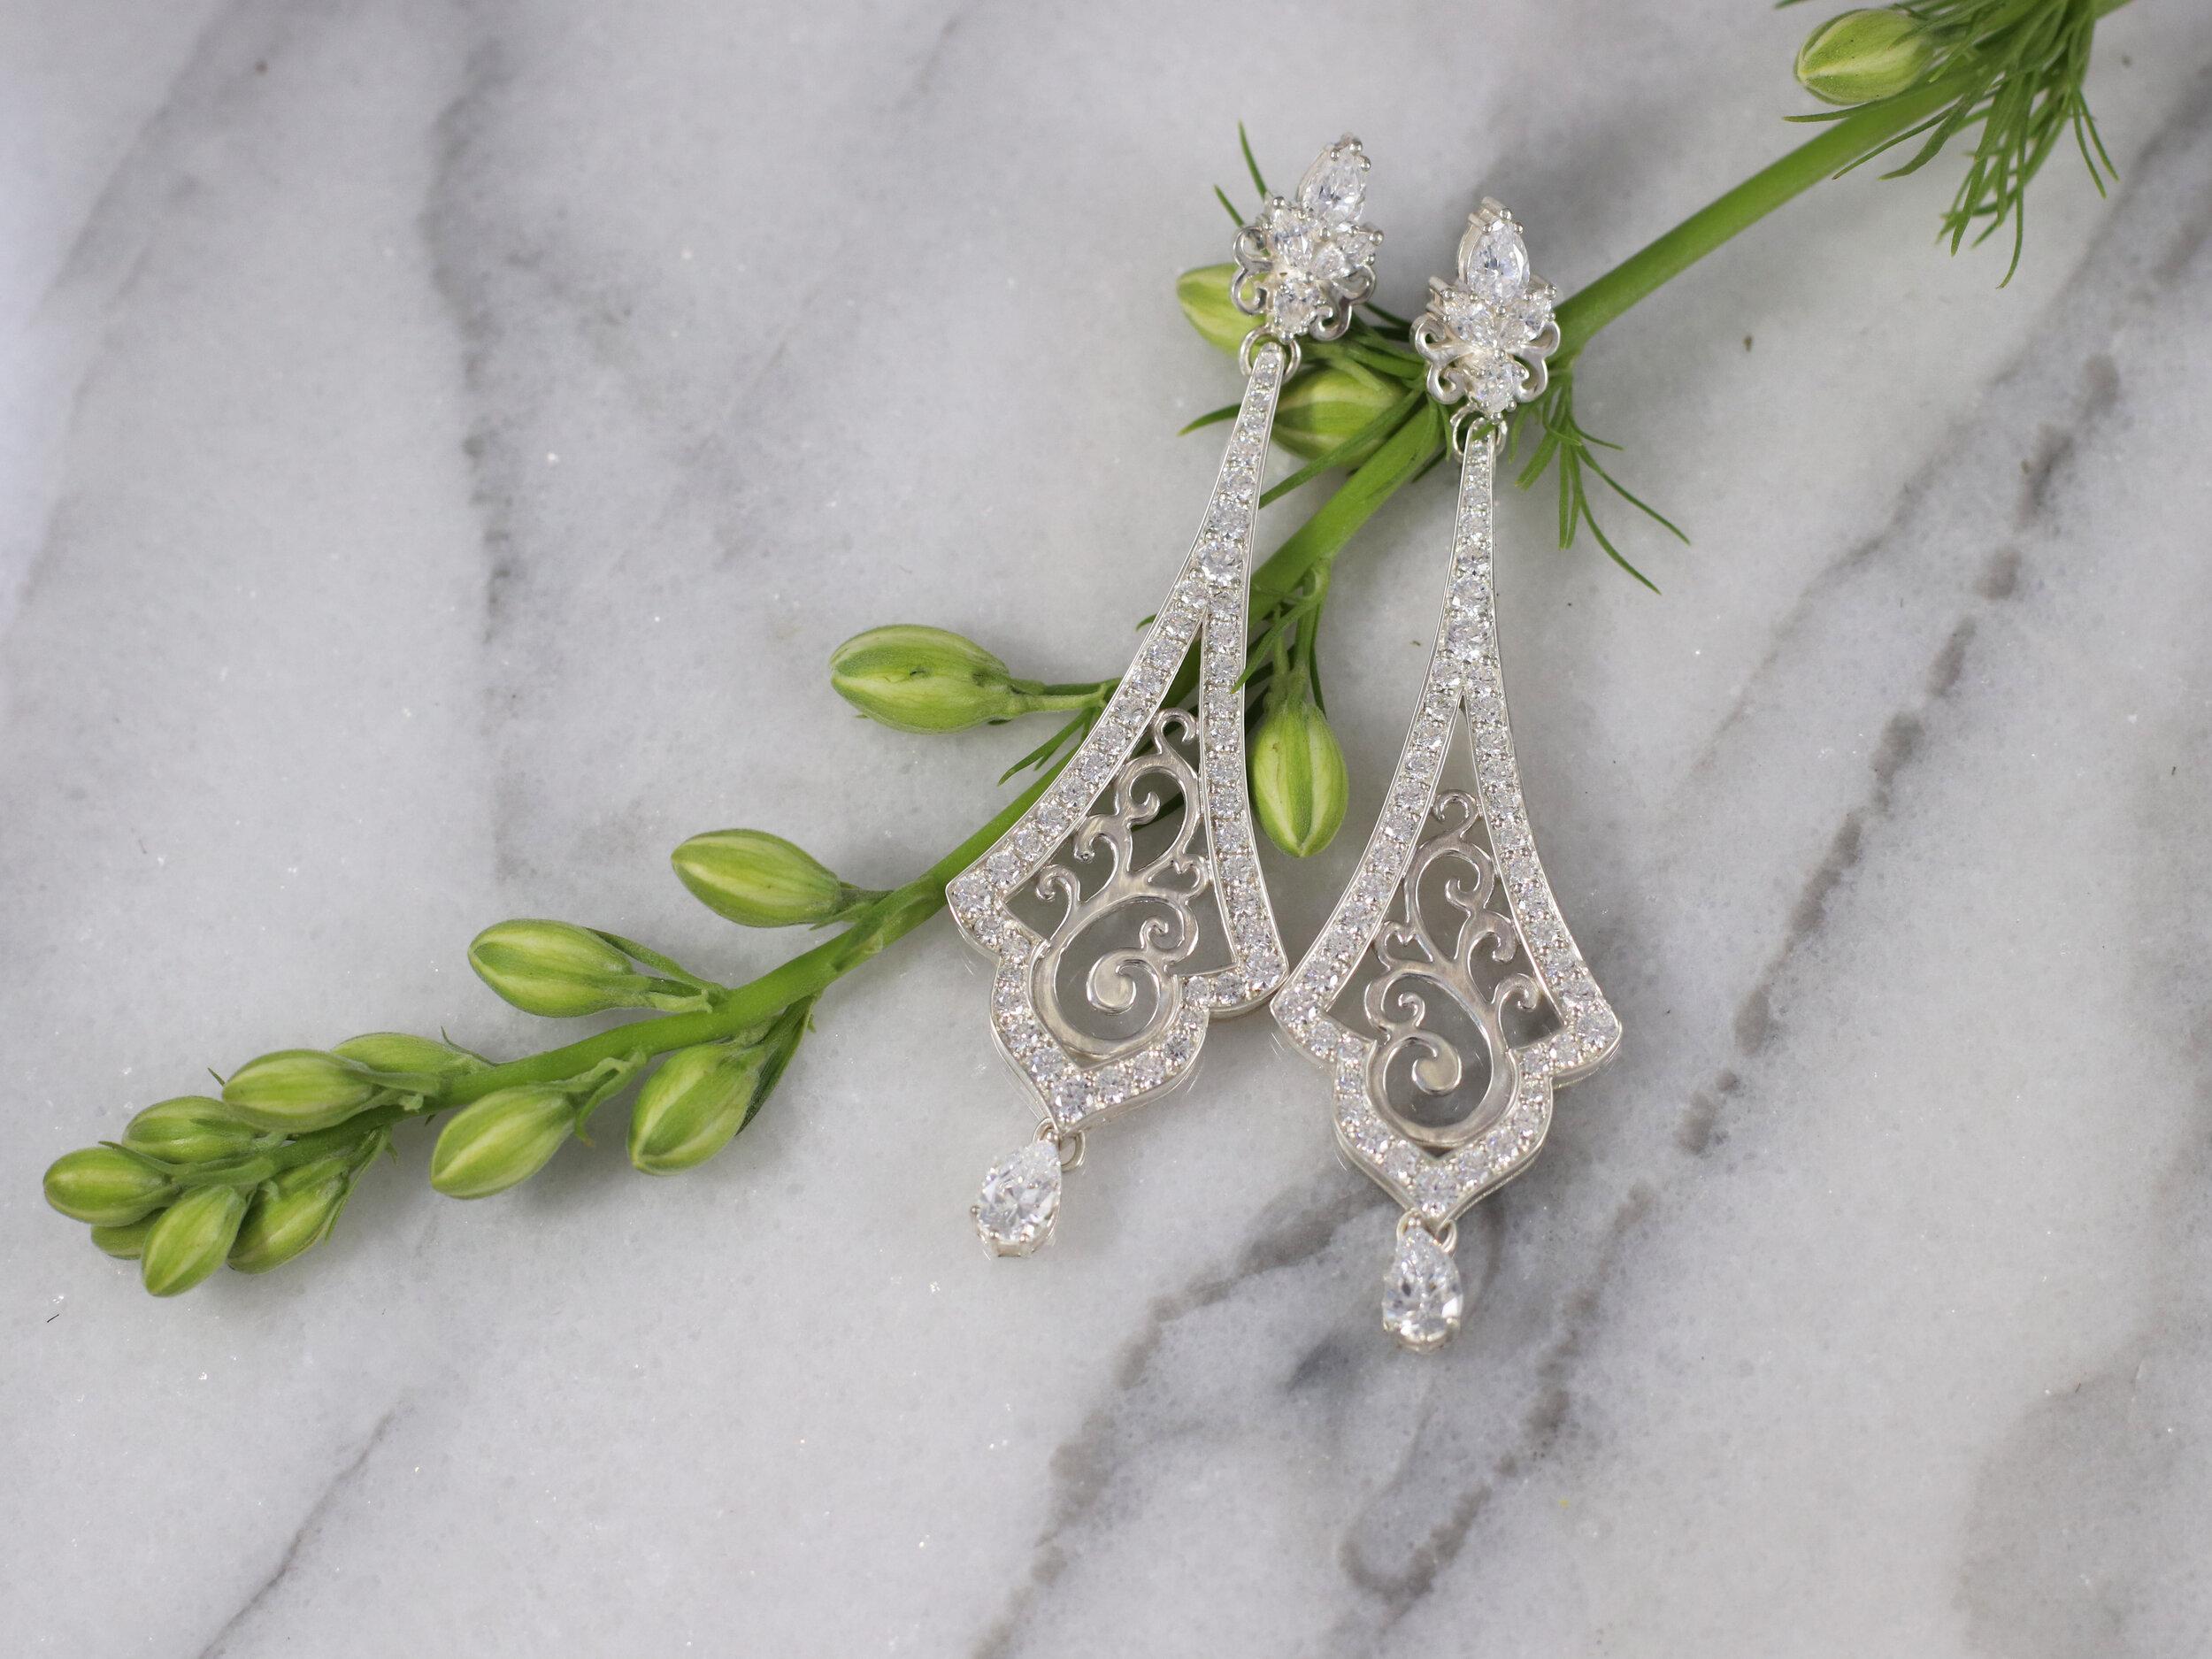 """""""Trefoil Cluster Earrings"""" - Click image for description"""